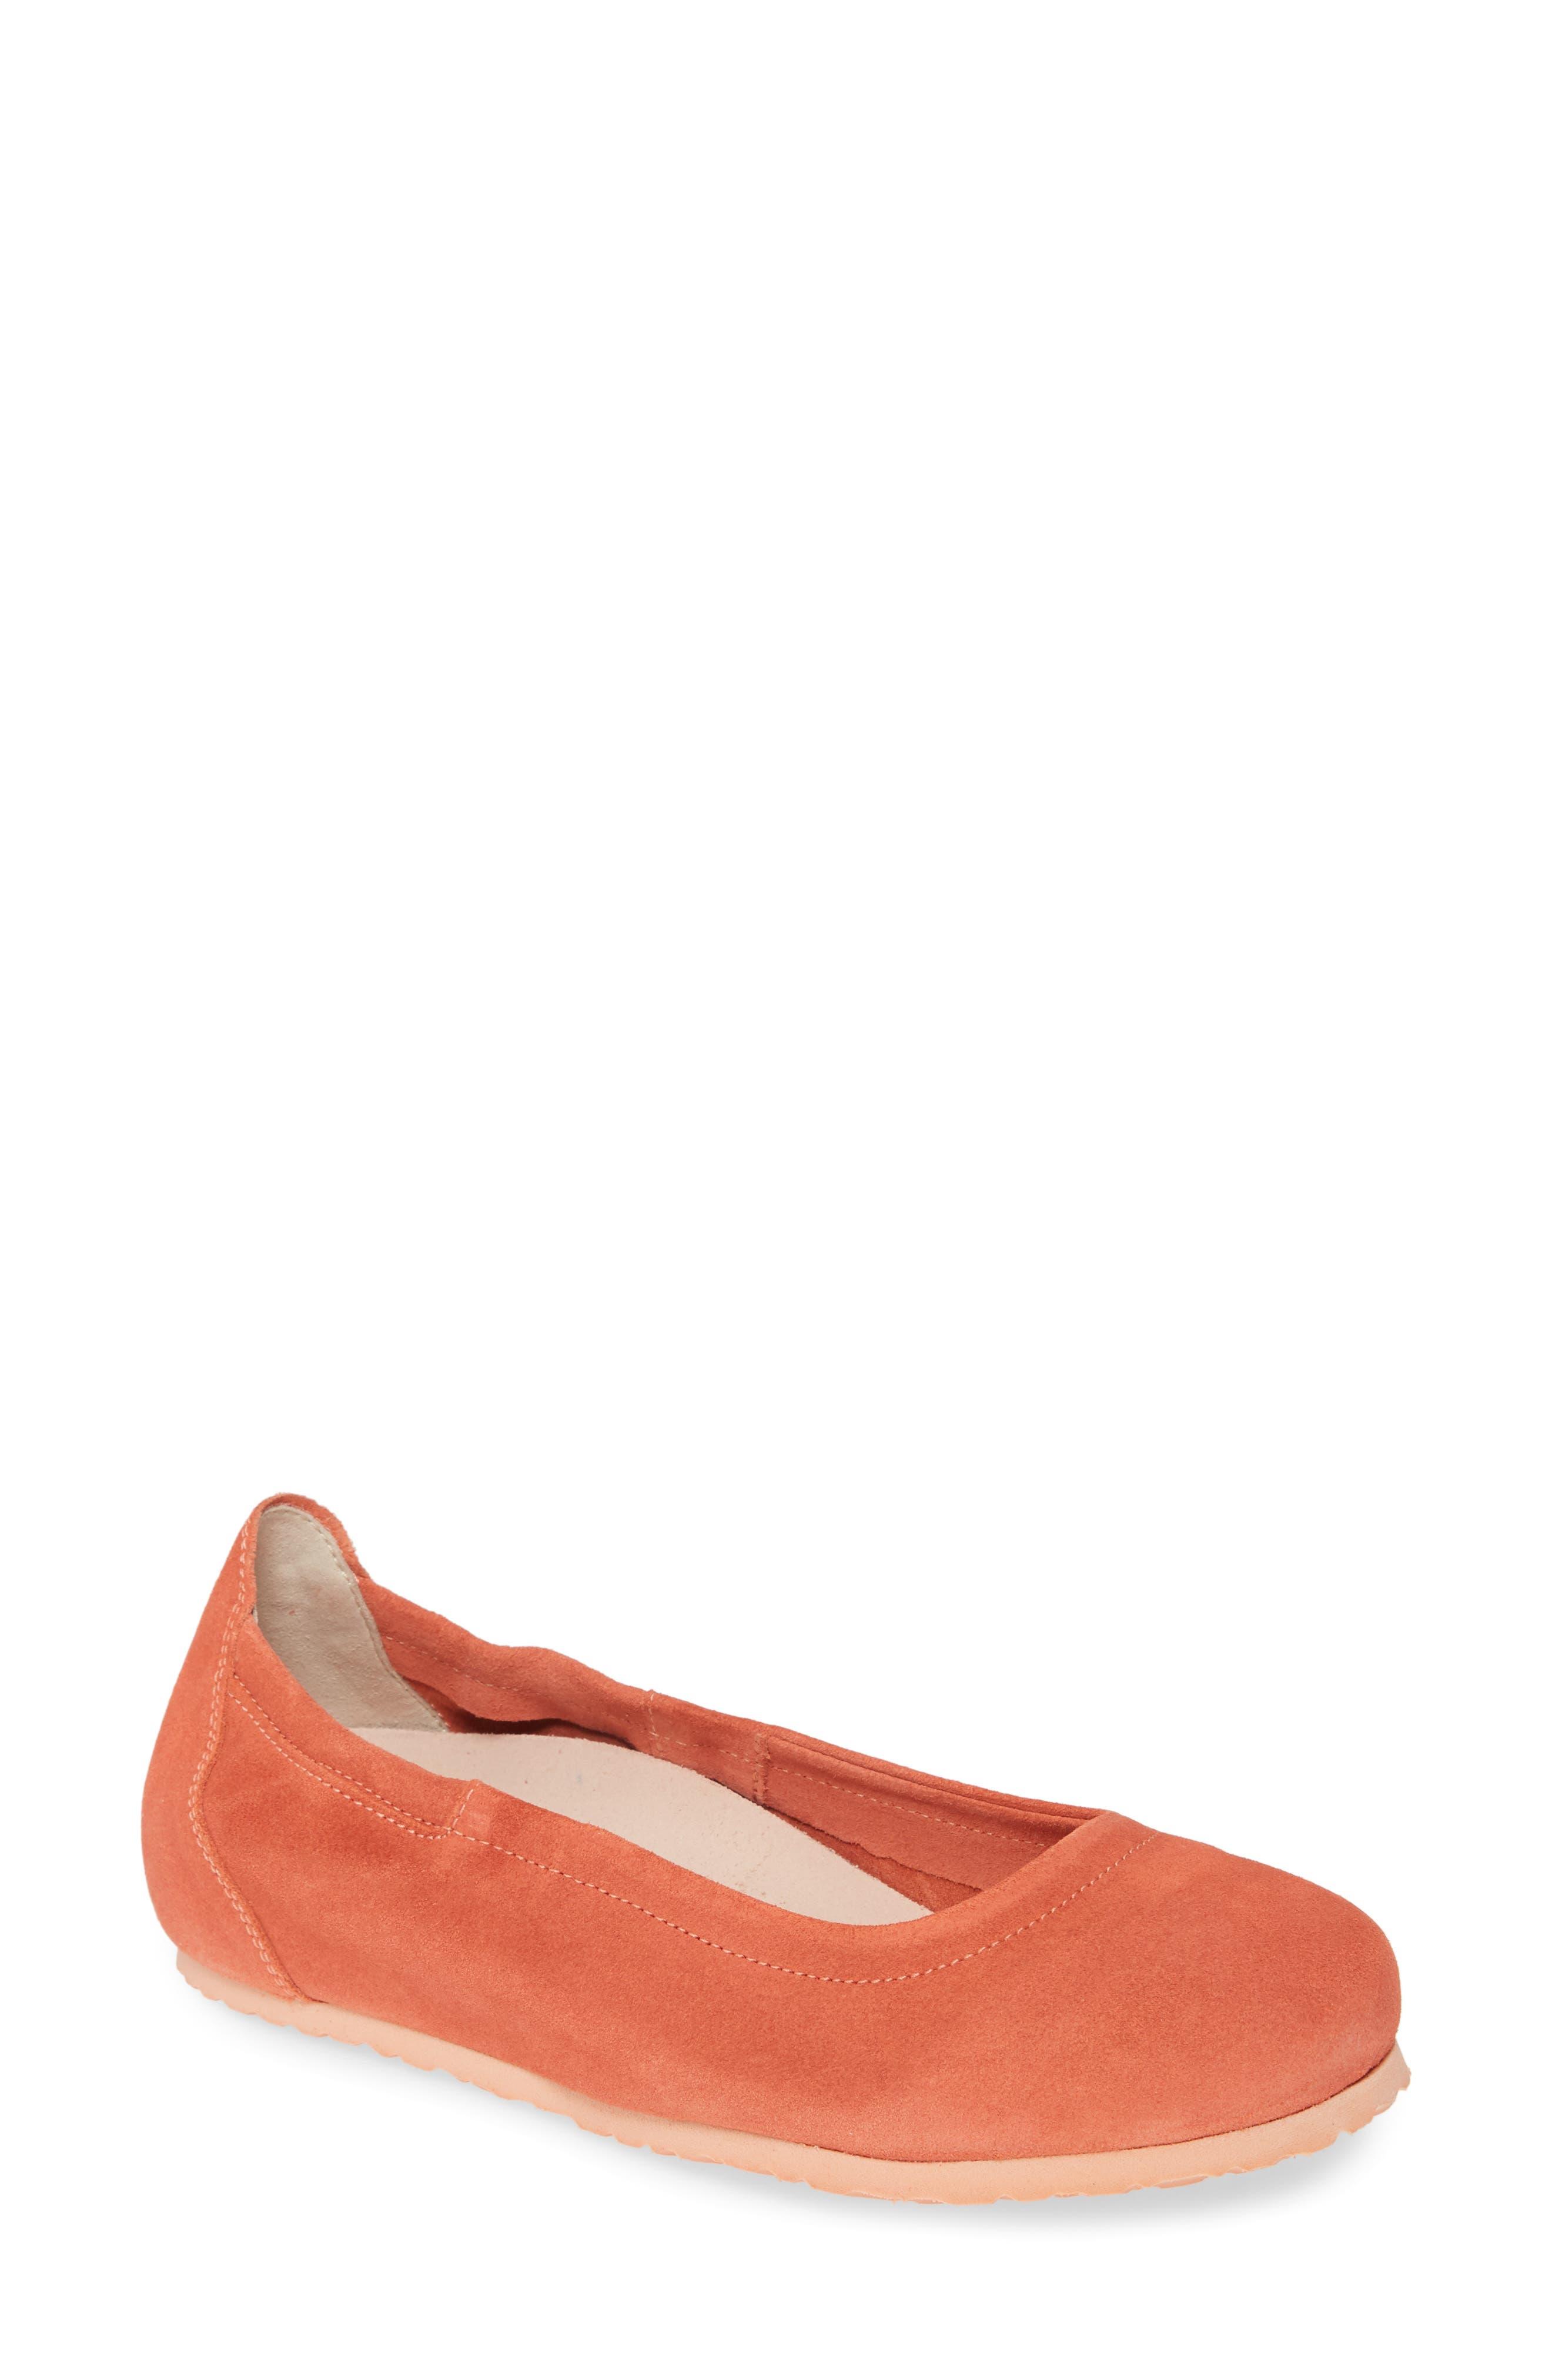 Birkenstock Celina Ii Ballet Flat - Coral